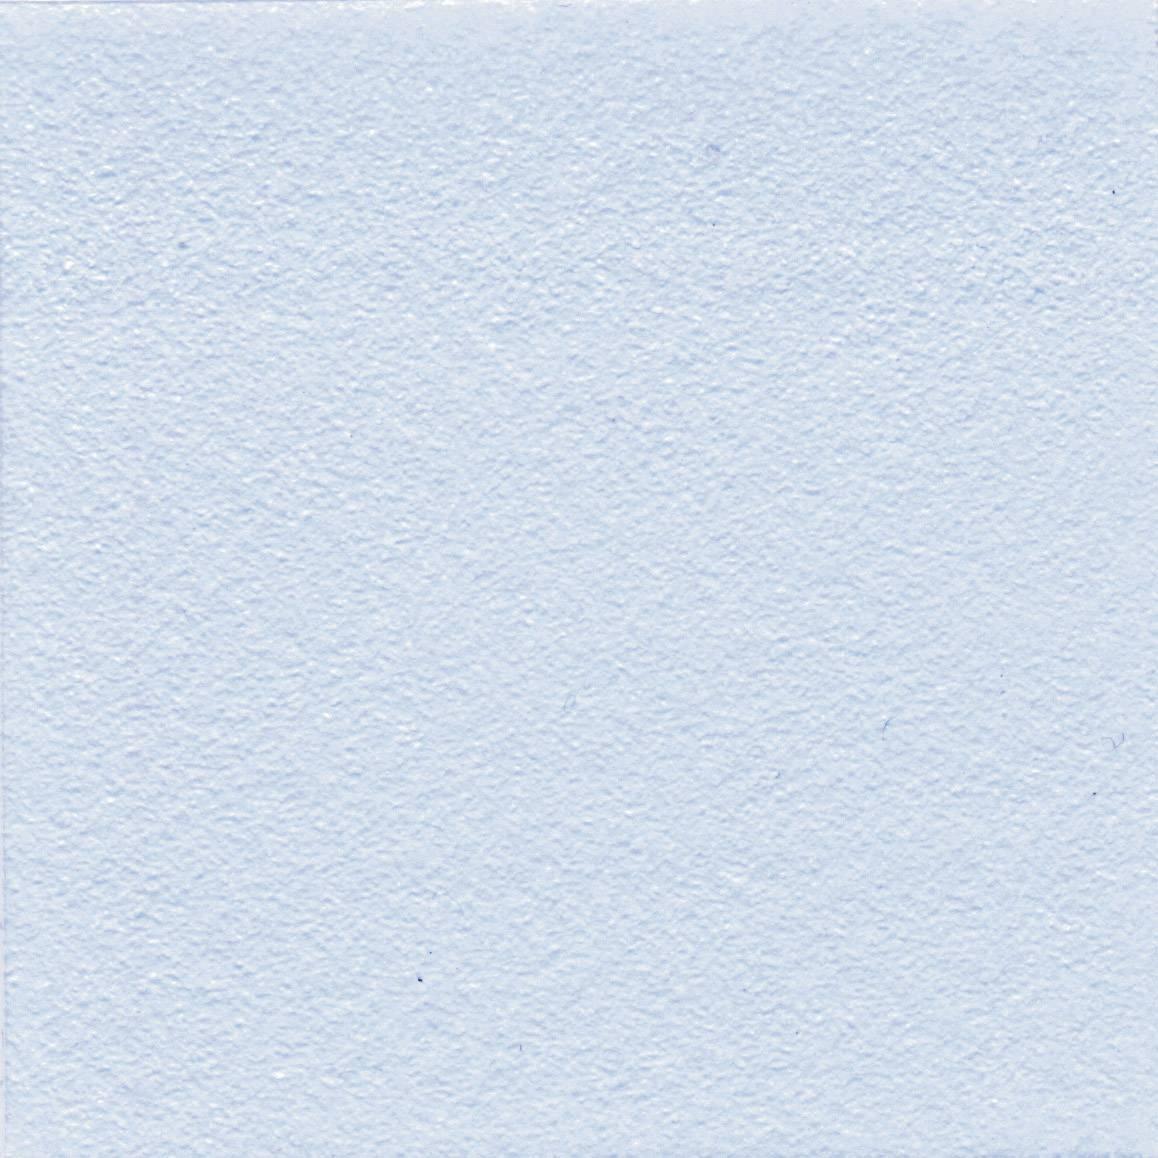 Teplovodivá fólie SoftthermR 86/300 50x50x0,5 mm